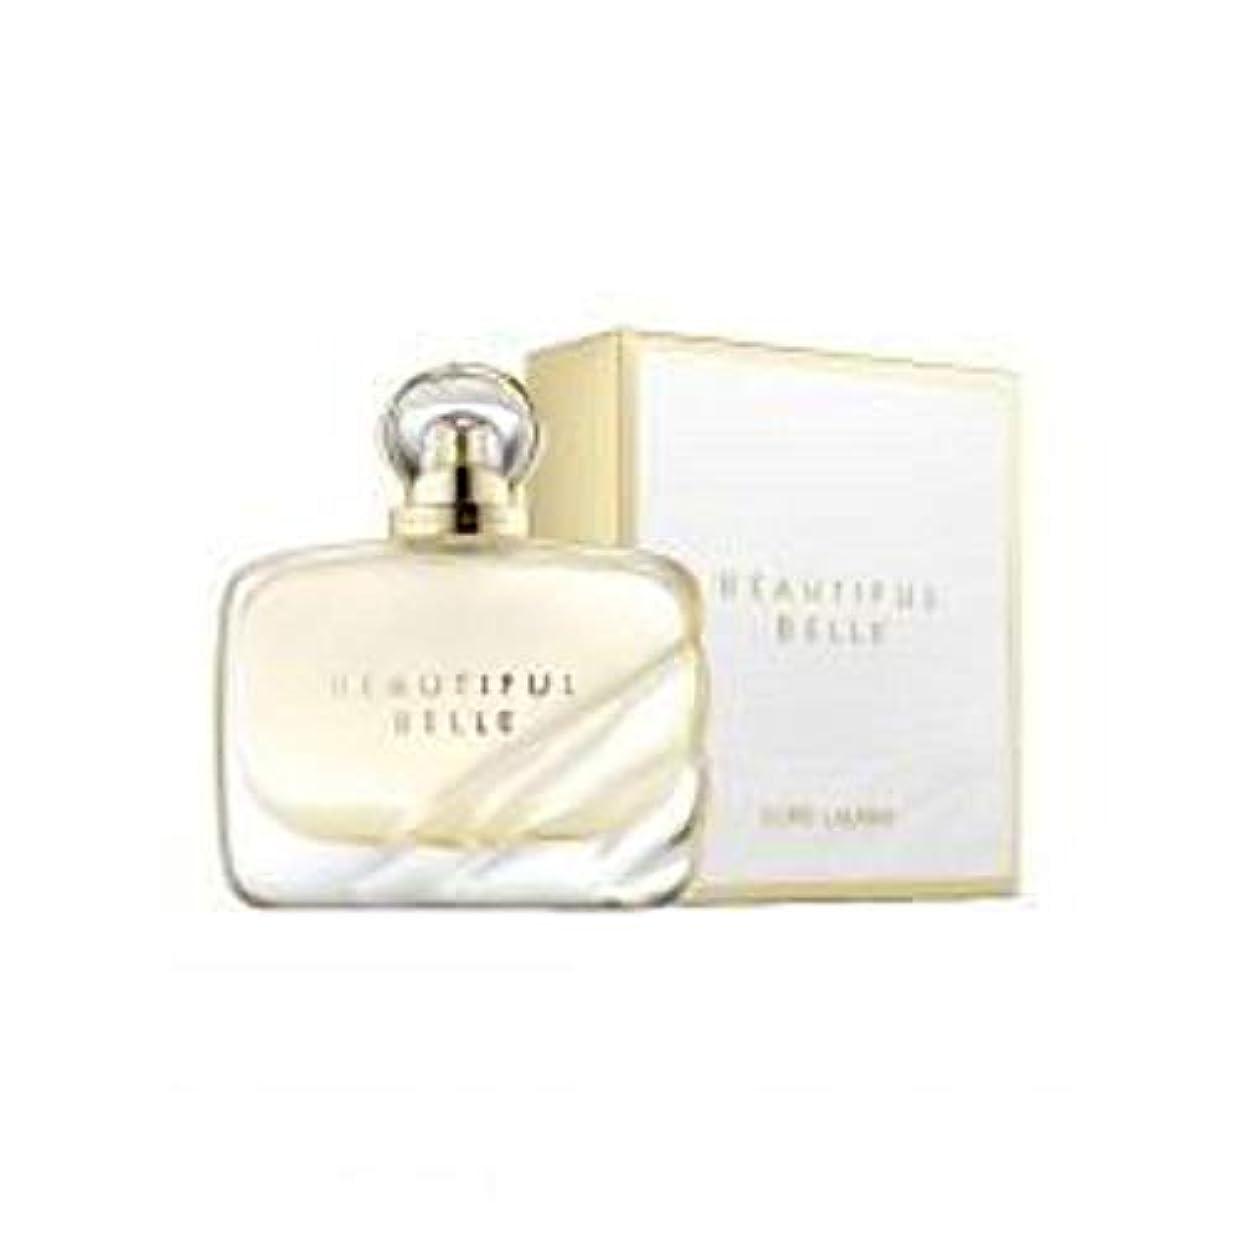 請願者母性玉ねぎEstee Lauder Beautiful Belle 50 ML Eau de Parfum